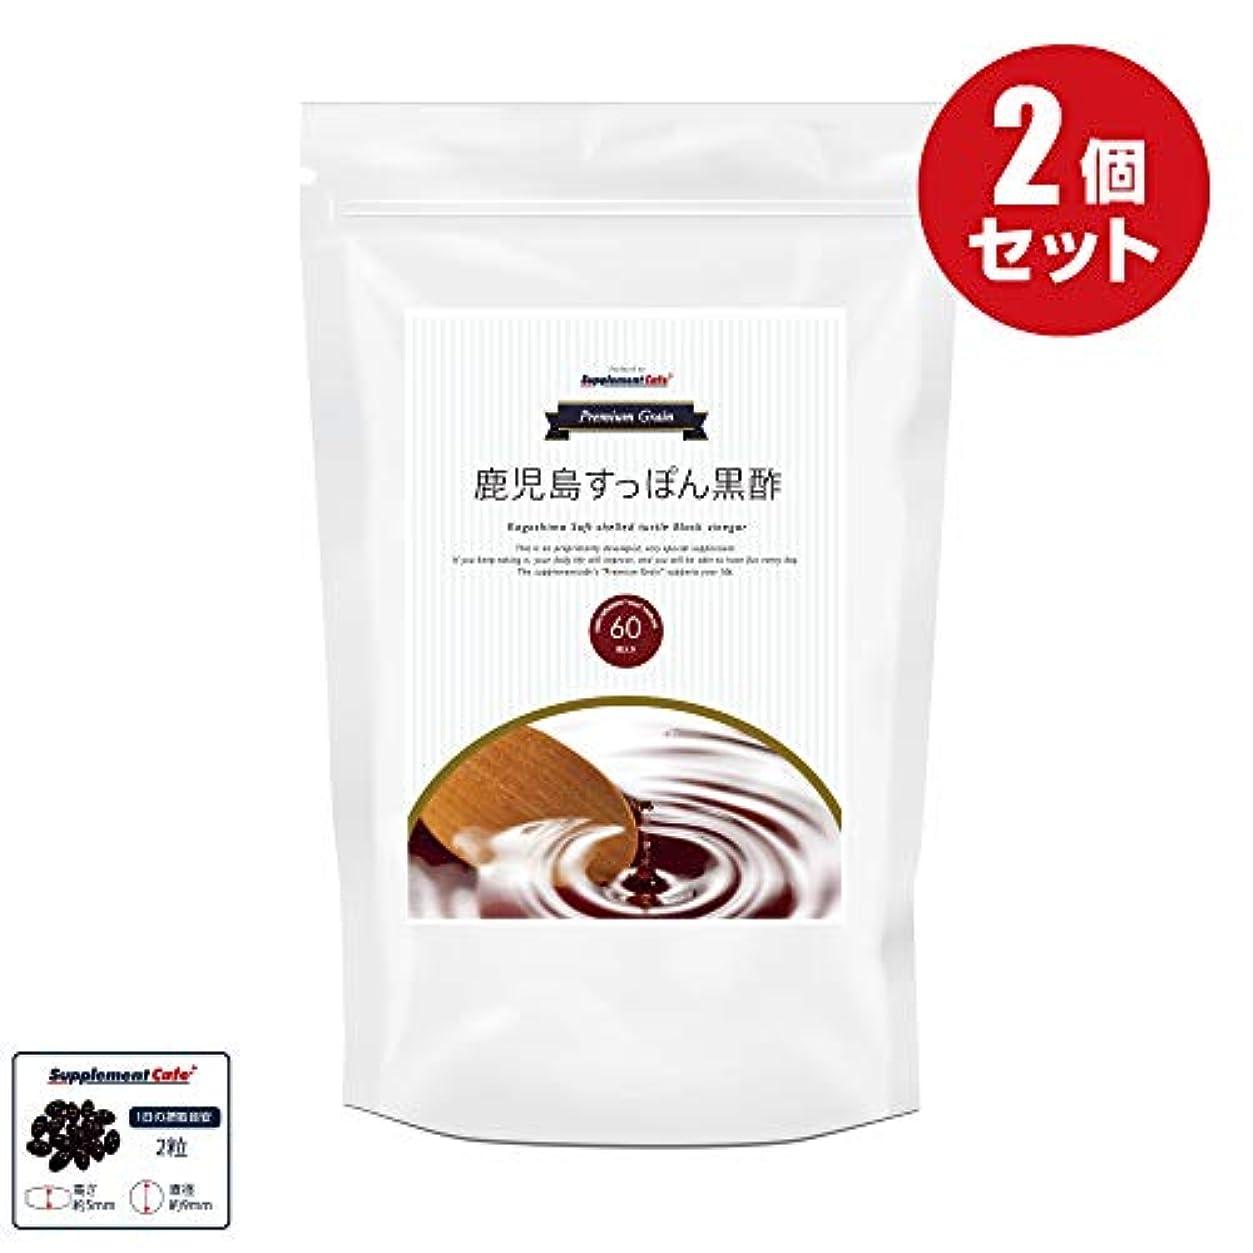 竜巻護衛汚物【2袋セット】Premium Grain 鹿児島すっぽん黒酢/すっぽん黒酢/福山産  約60日分